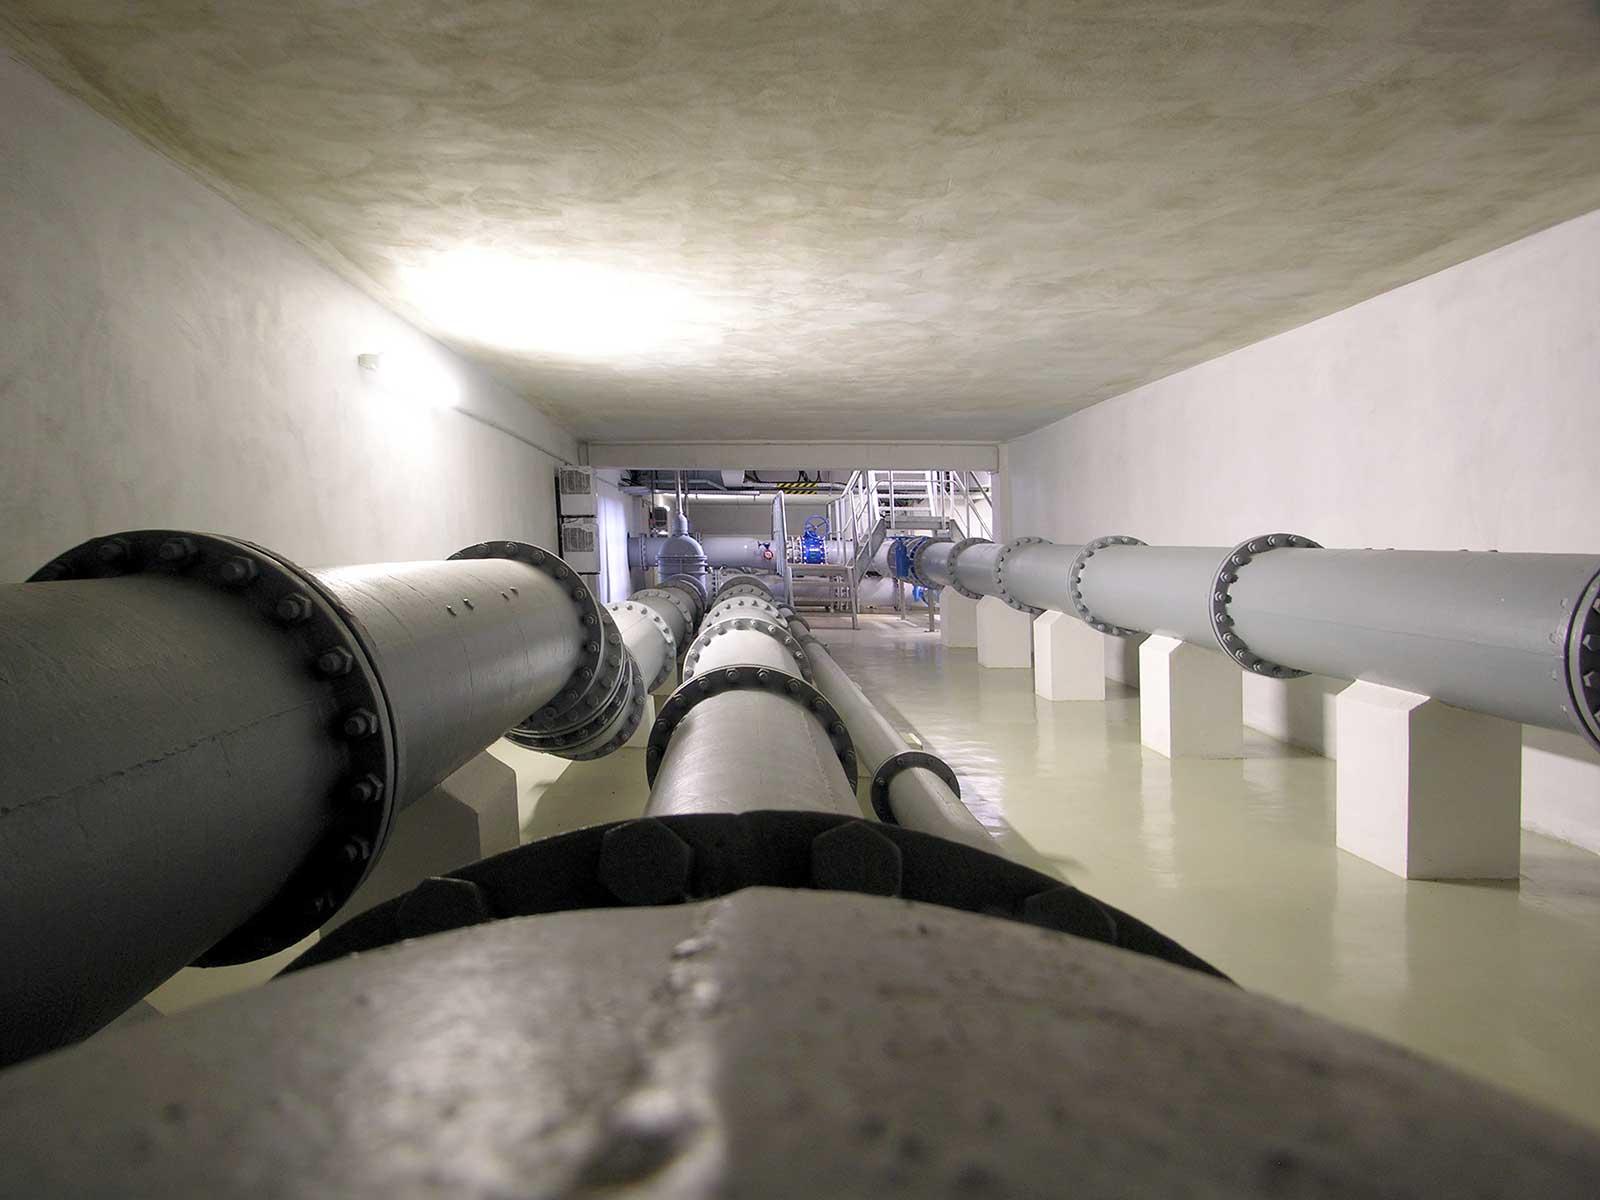 Unter anderem vom Thüringer Fernwasser-verband beziehen wir zusätzlich Trinkwasser aus fremden Netzen.